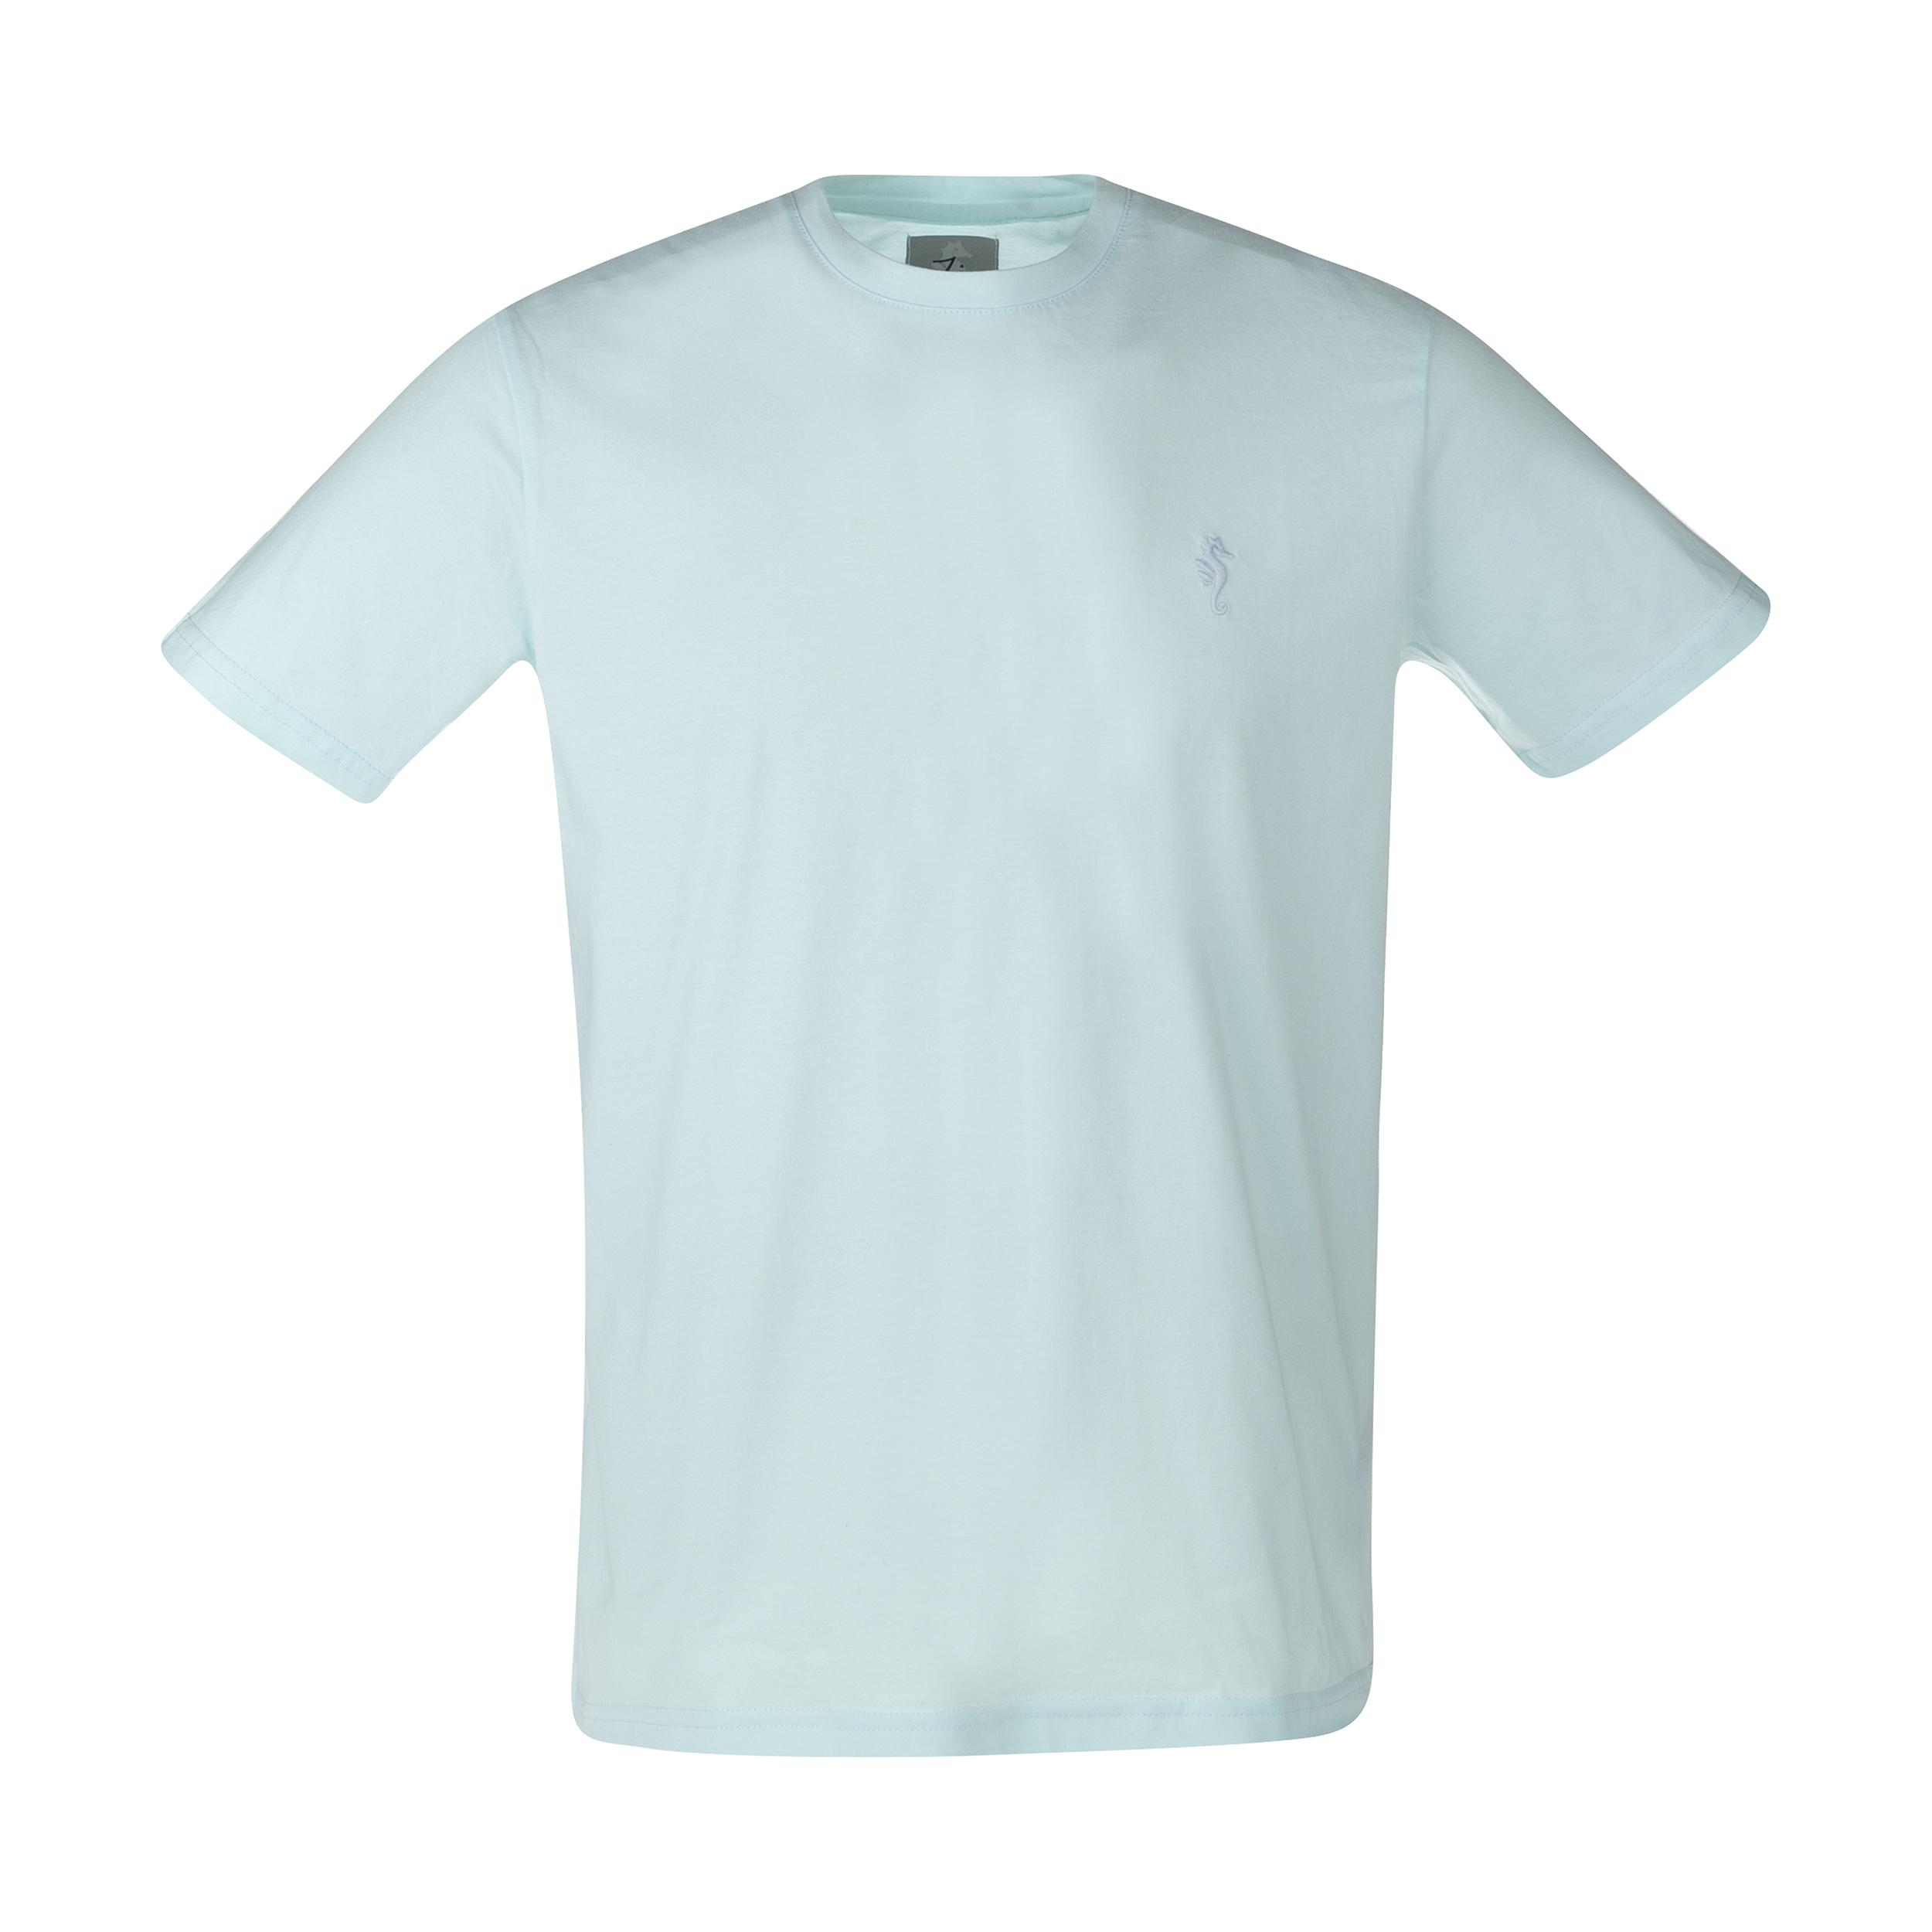 تی شرت مردانه زی مدل 153113050